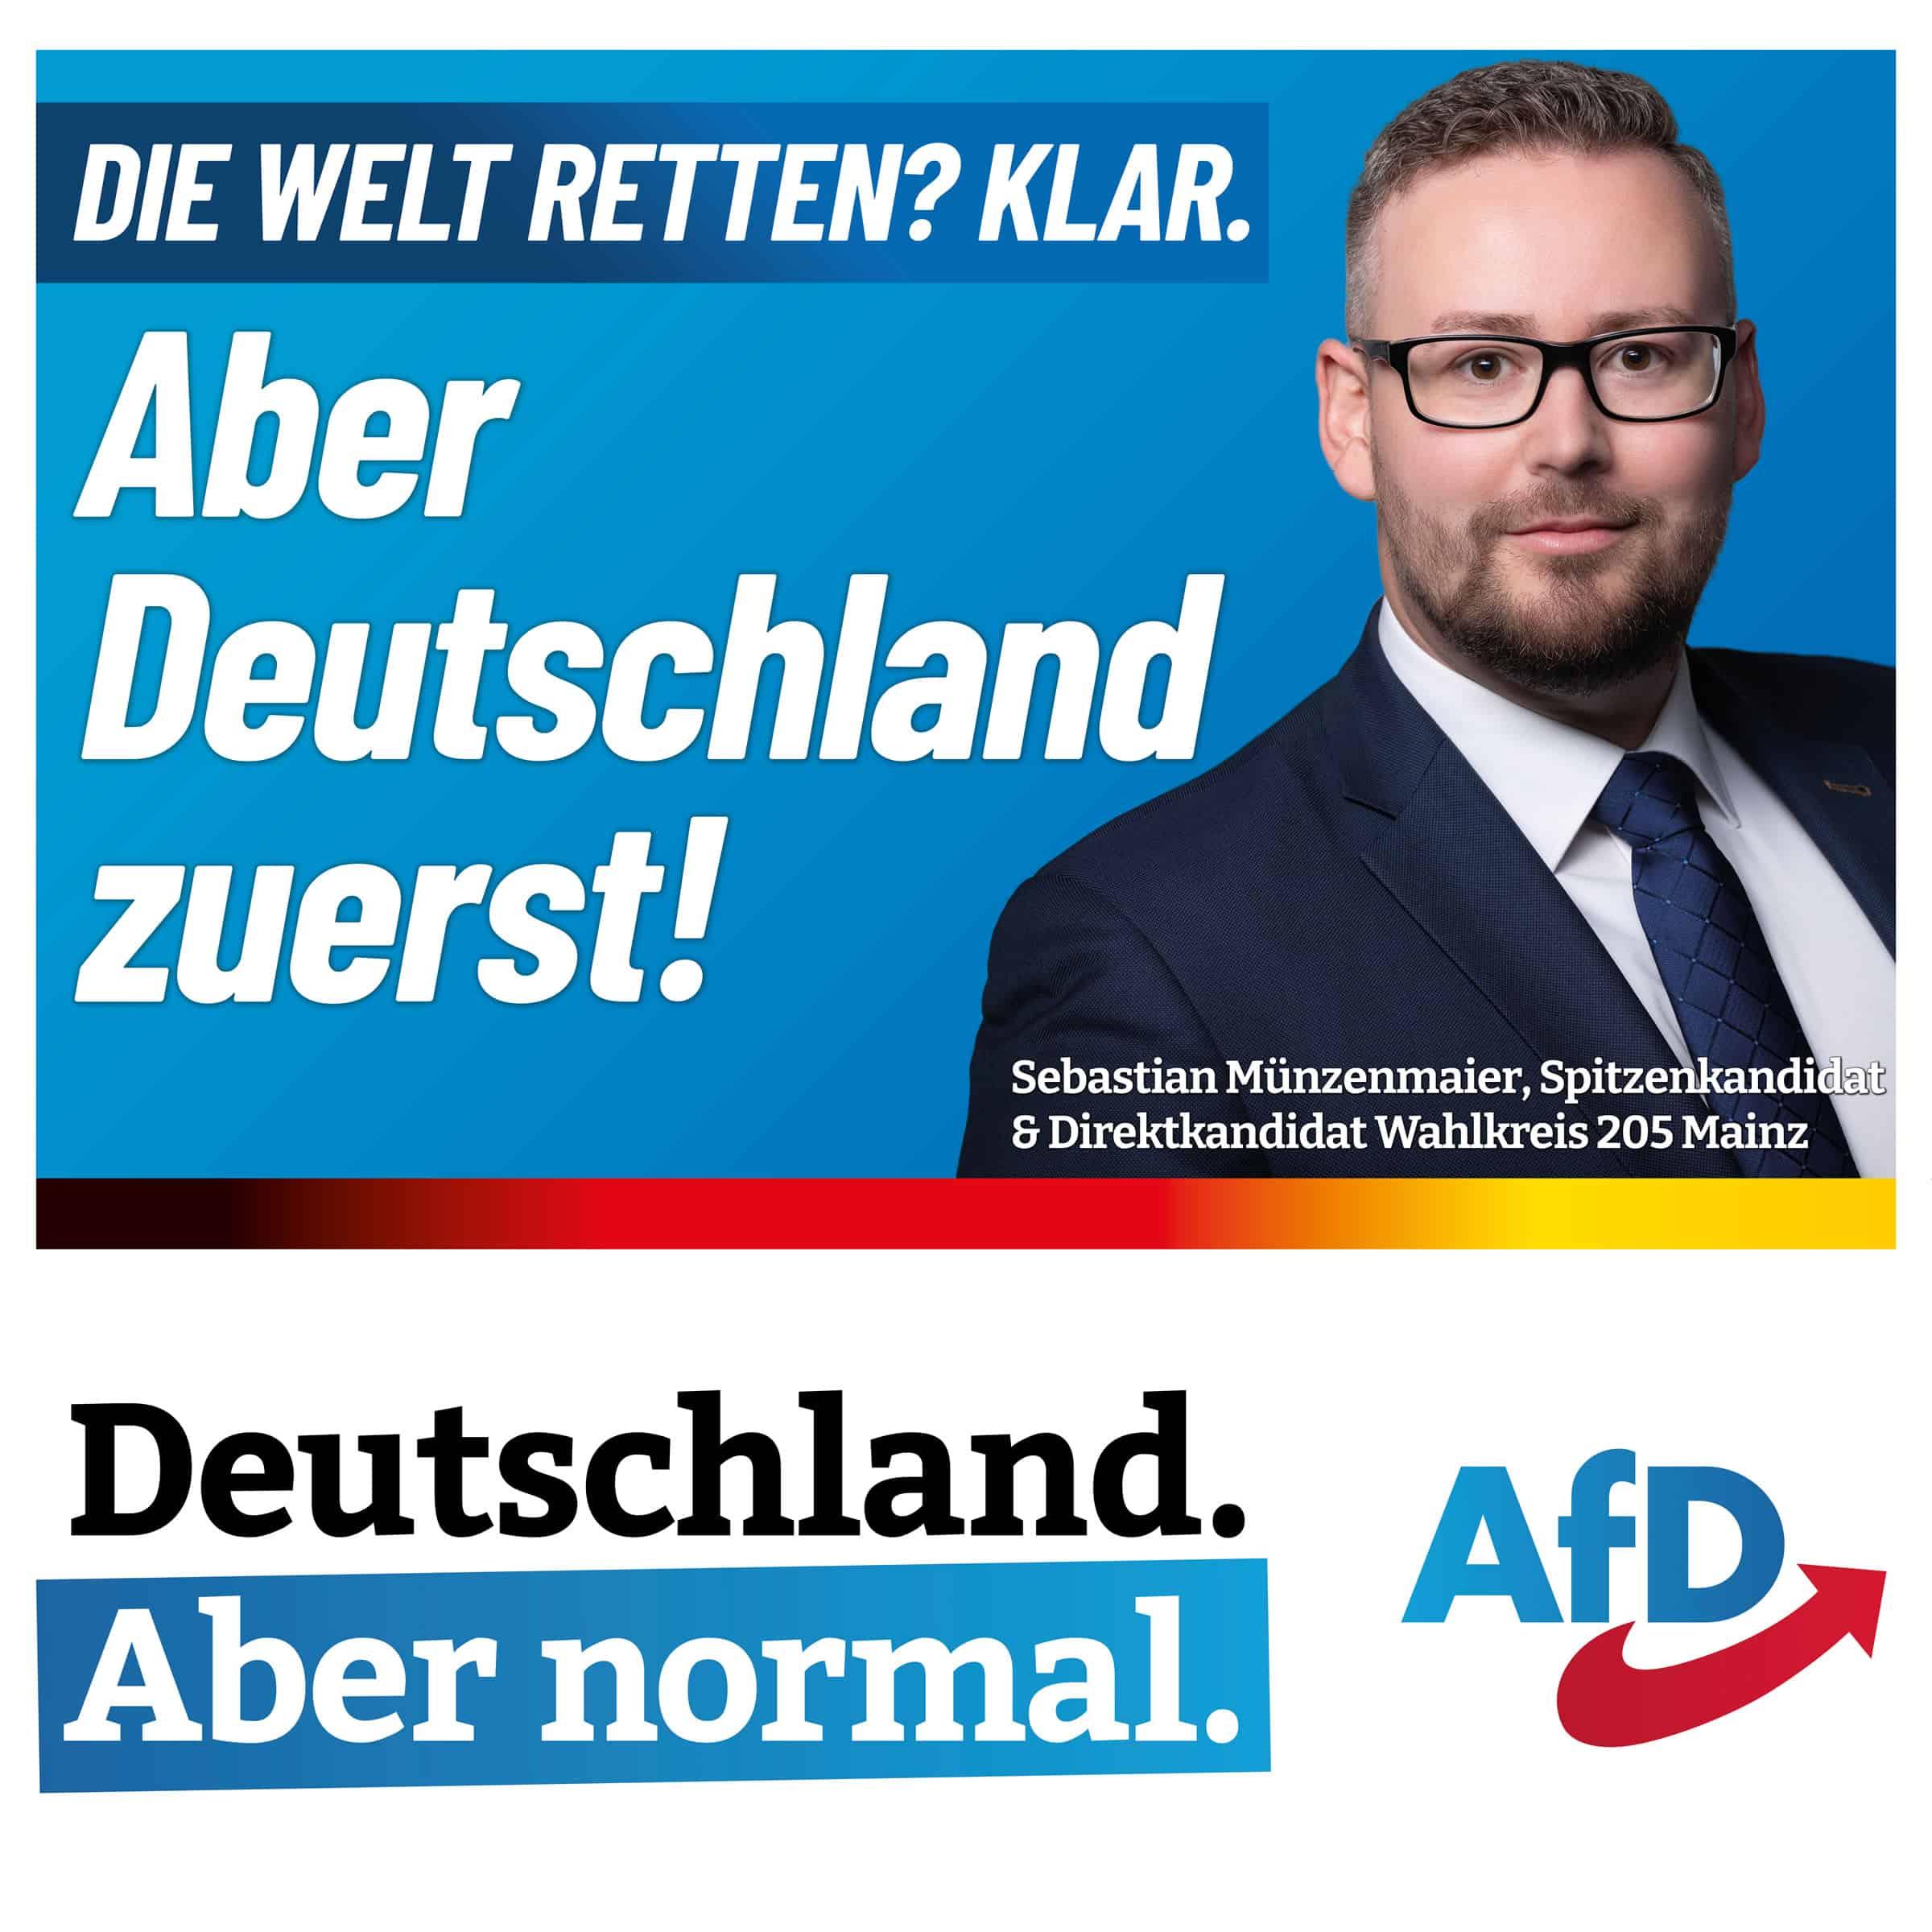 Die Welt retten? Klar. Aber Deutschland zuerst!